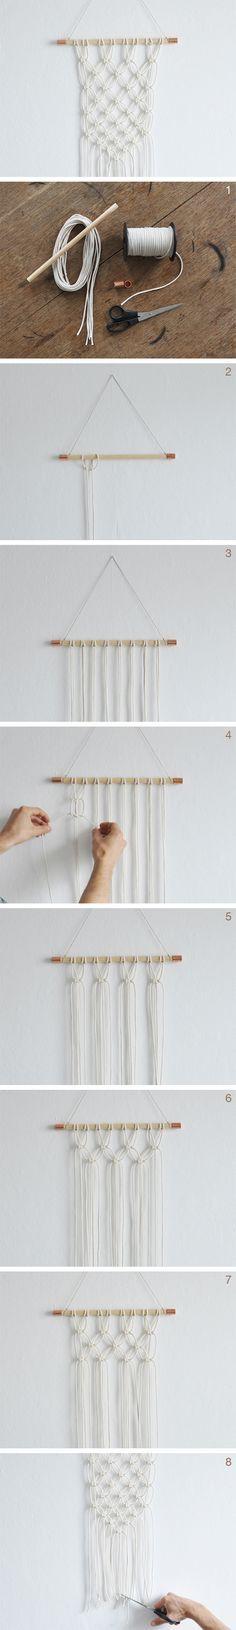 Réalisez une jolie décoration murale en #macrame grâce à ce #tutoriel !